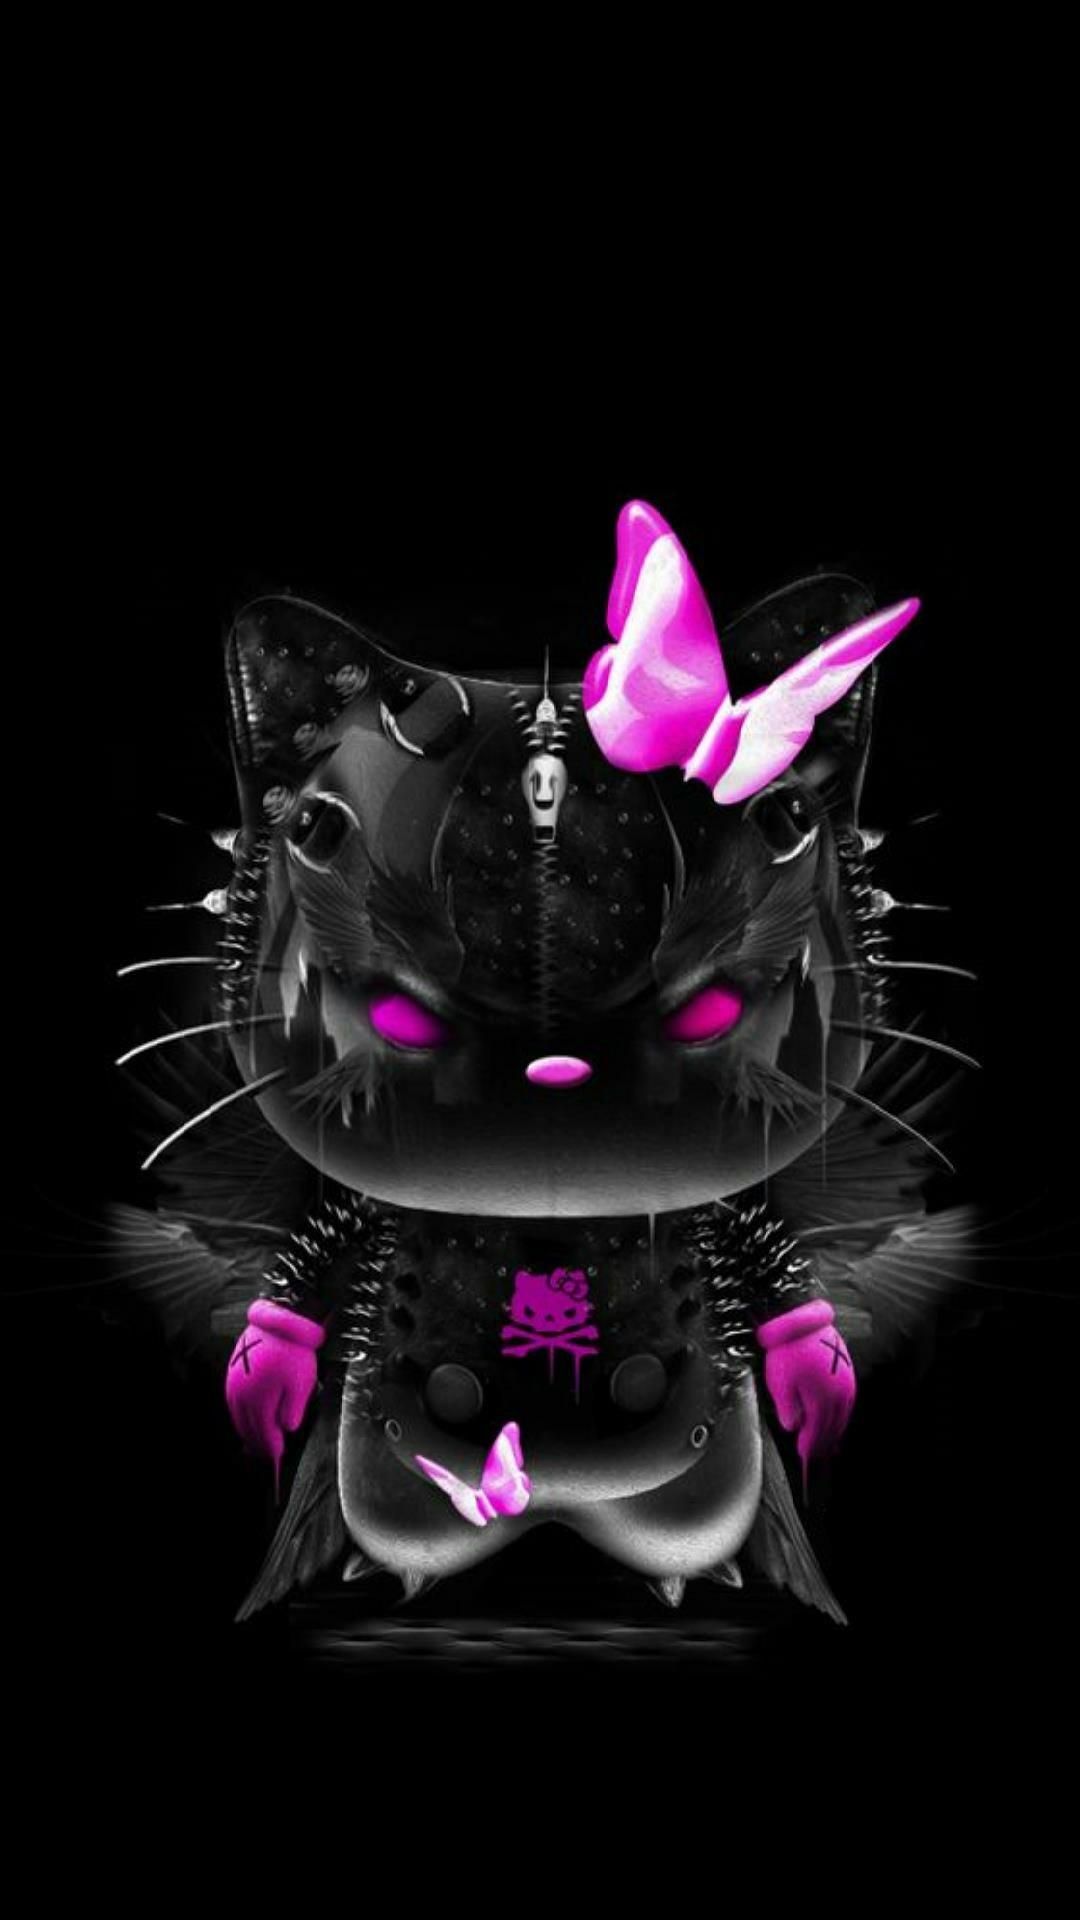 Popular Wallpaper Hello Kitty Dark Pink - 913238-download-hello-kitty-black-and-pink-wallpaper-1080x1920  Picture_619510.jpg